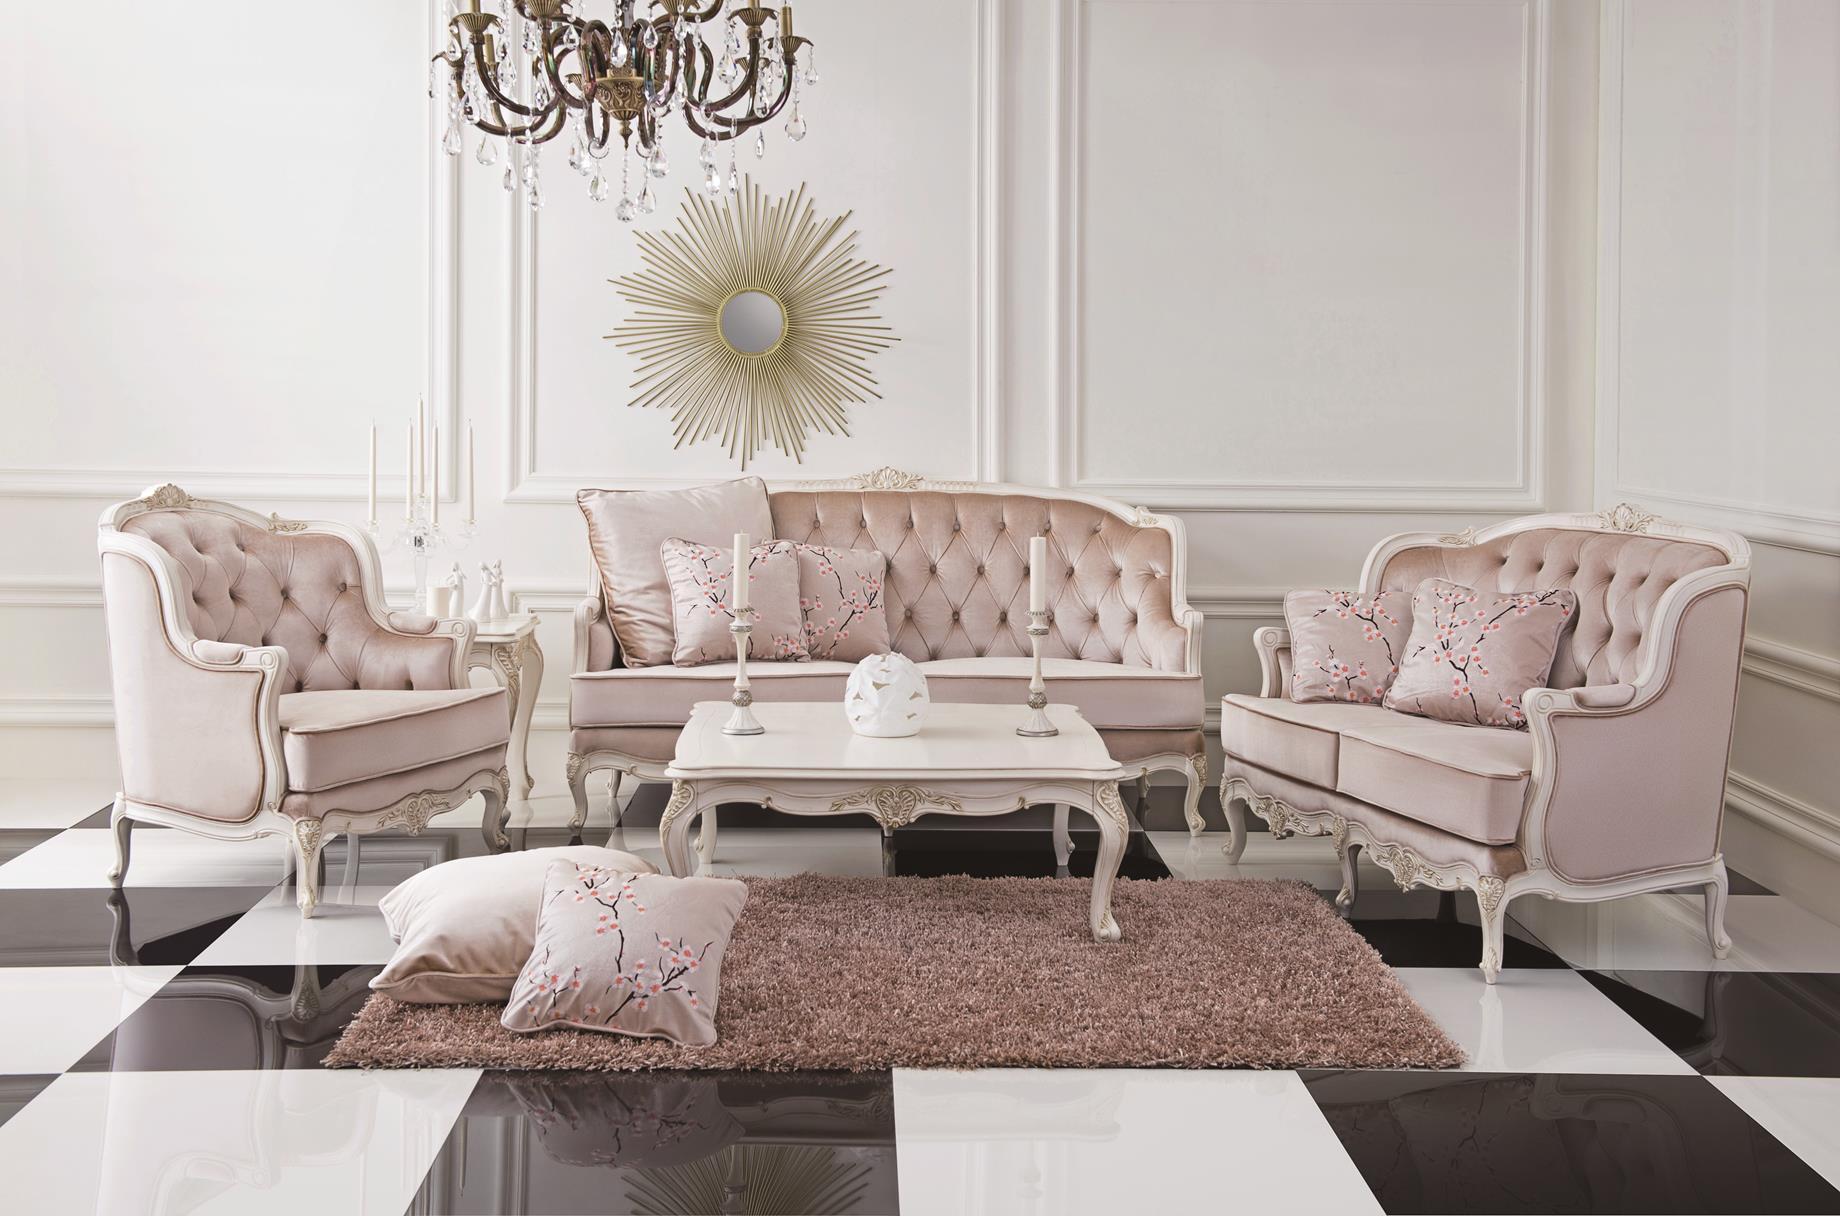 Сбор заказов. Элитная мебель доступной стоимости. Бесконечно уютная, роскошная и исключительно комфортная. 8